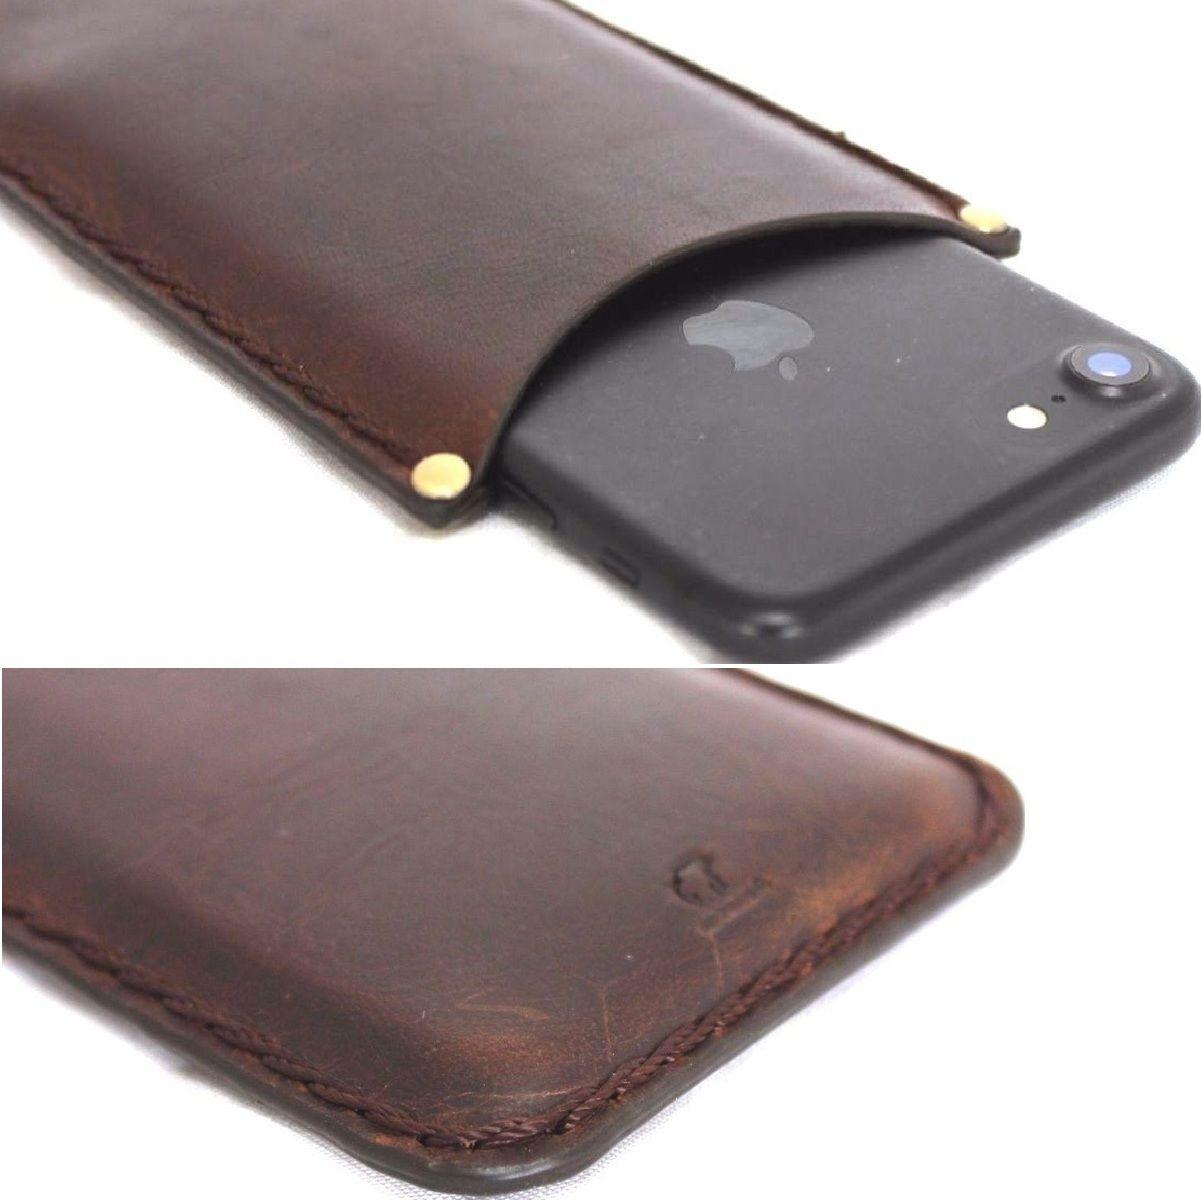 genuine apple iphone 8 case